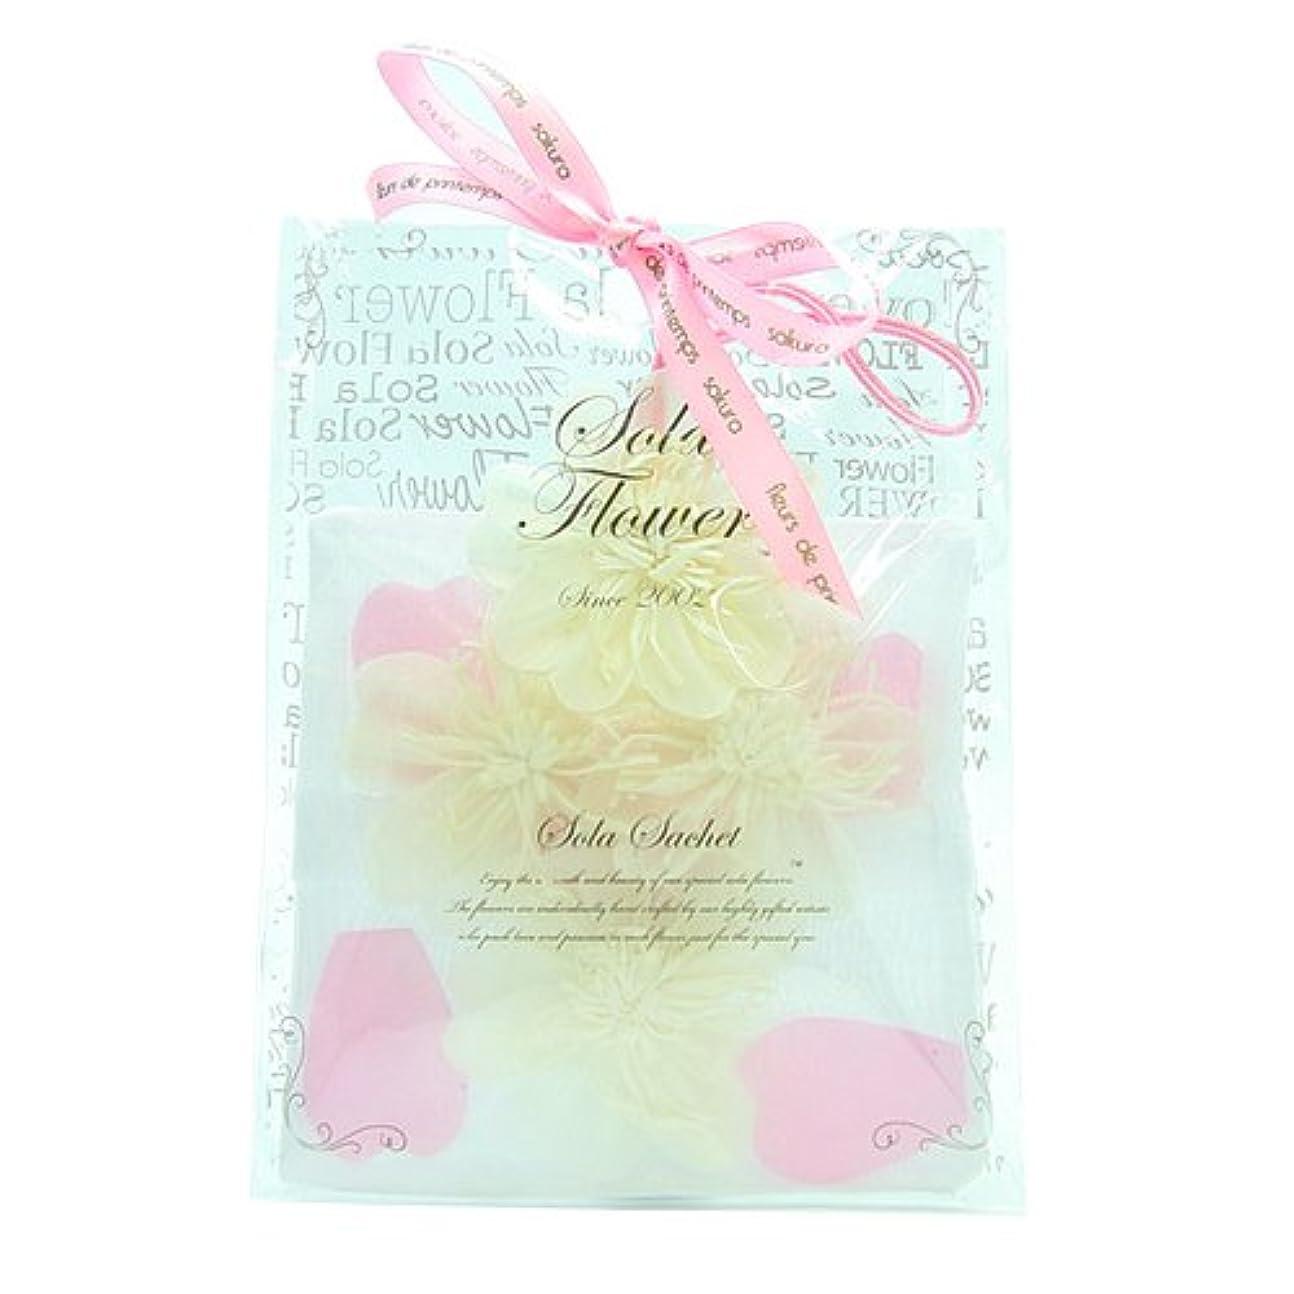 統治する北超えてfleurs de printemps Sola Flower ソラフラワー サシェ 桜 サクラ SOMEIYOSHINO ソメイヨシノ